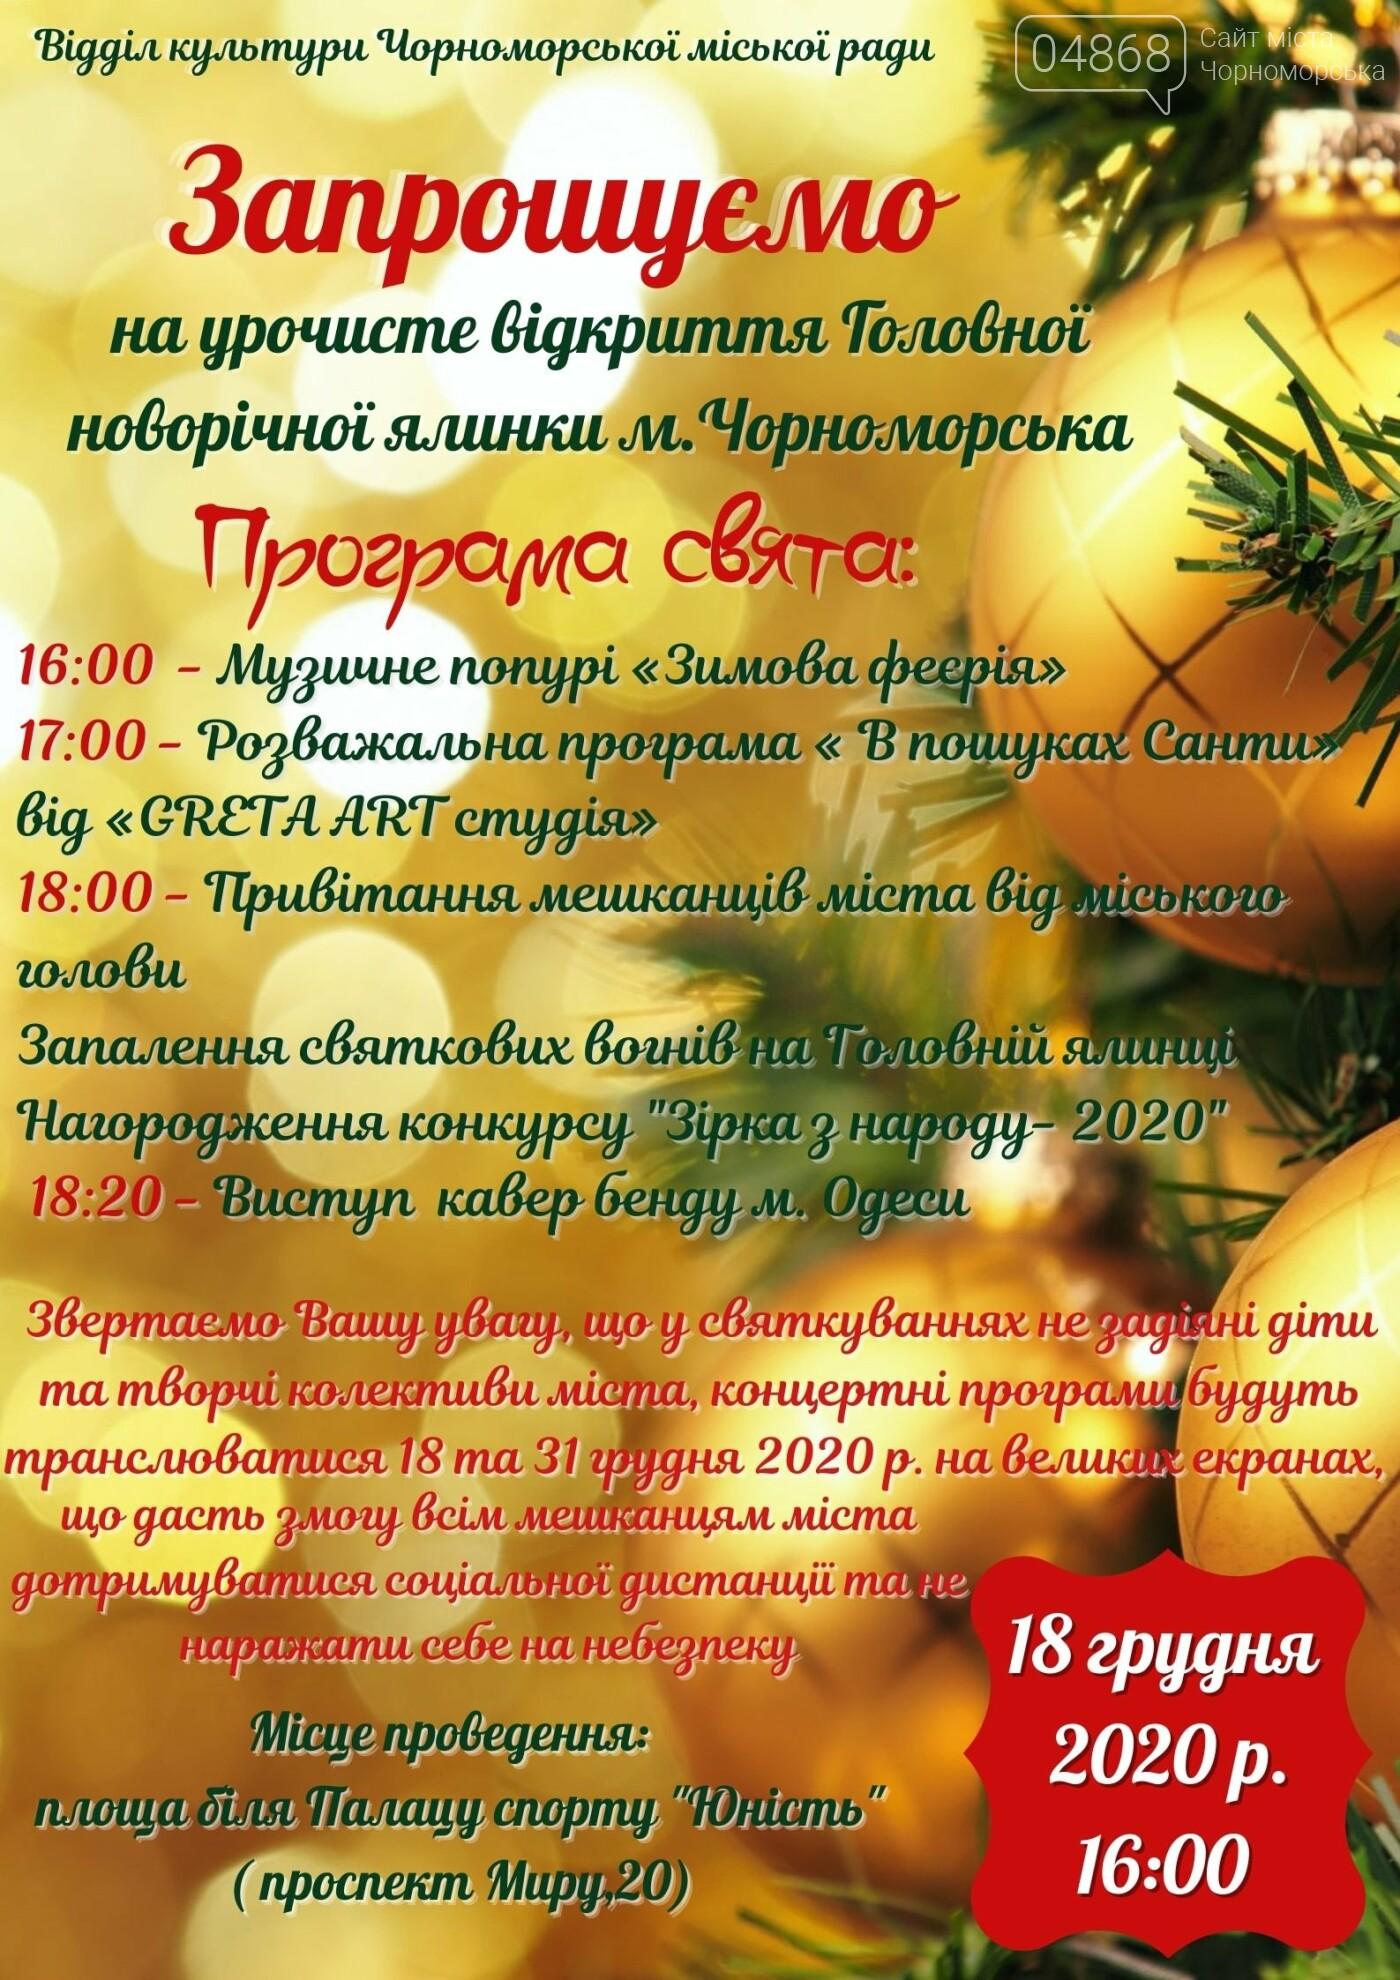 Открытие главной елки Черноморска и праздничная программа мероприятия, фото-1